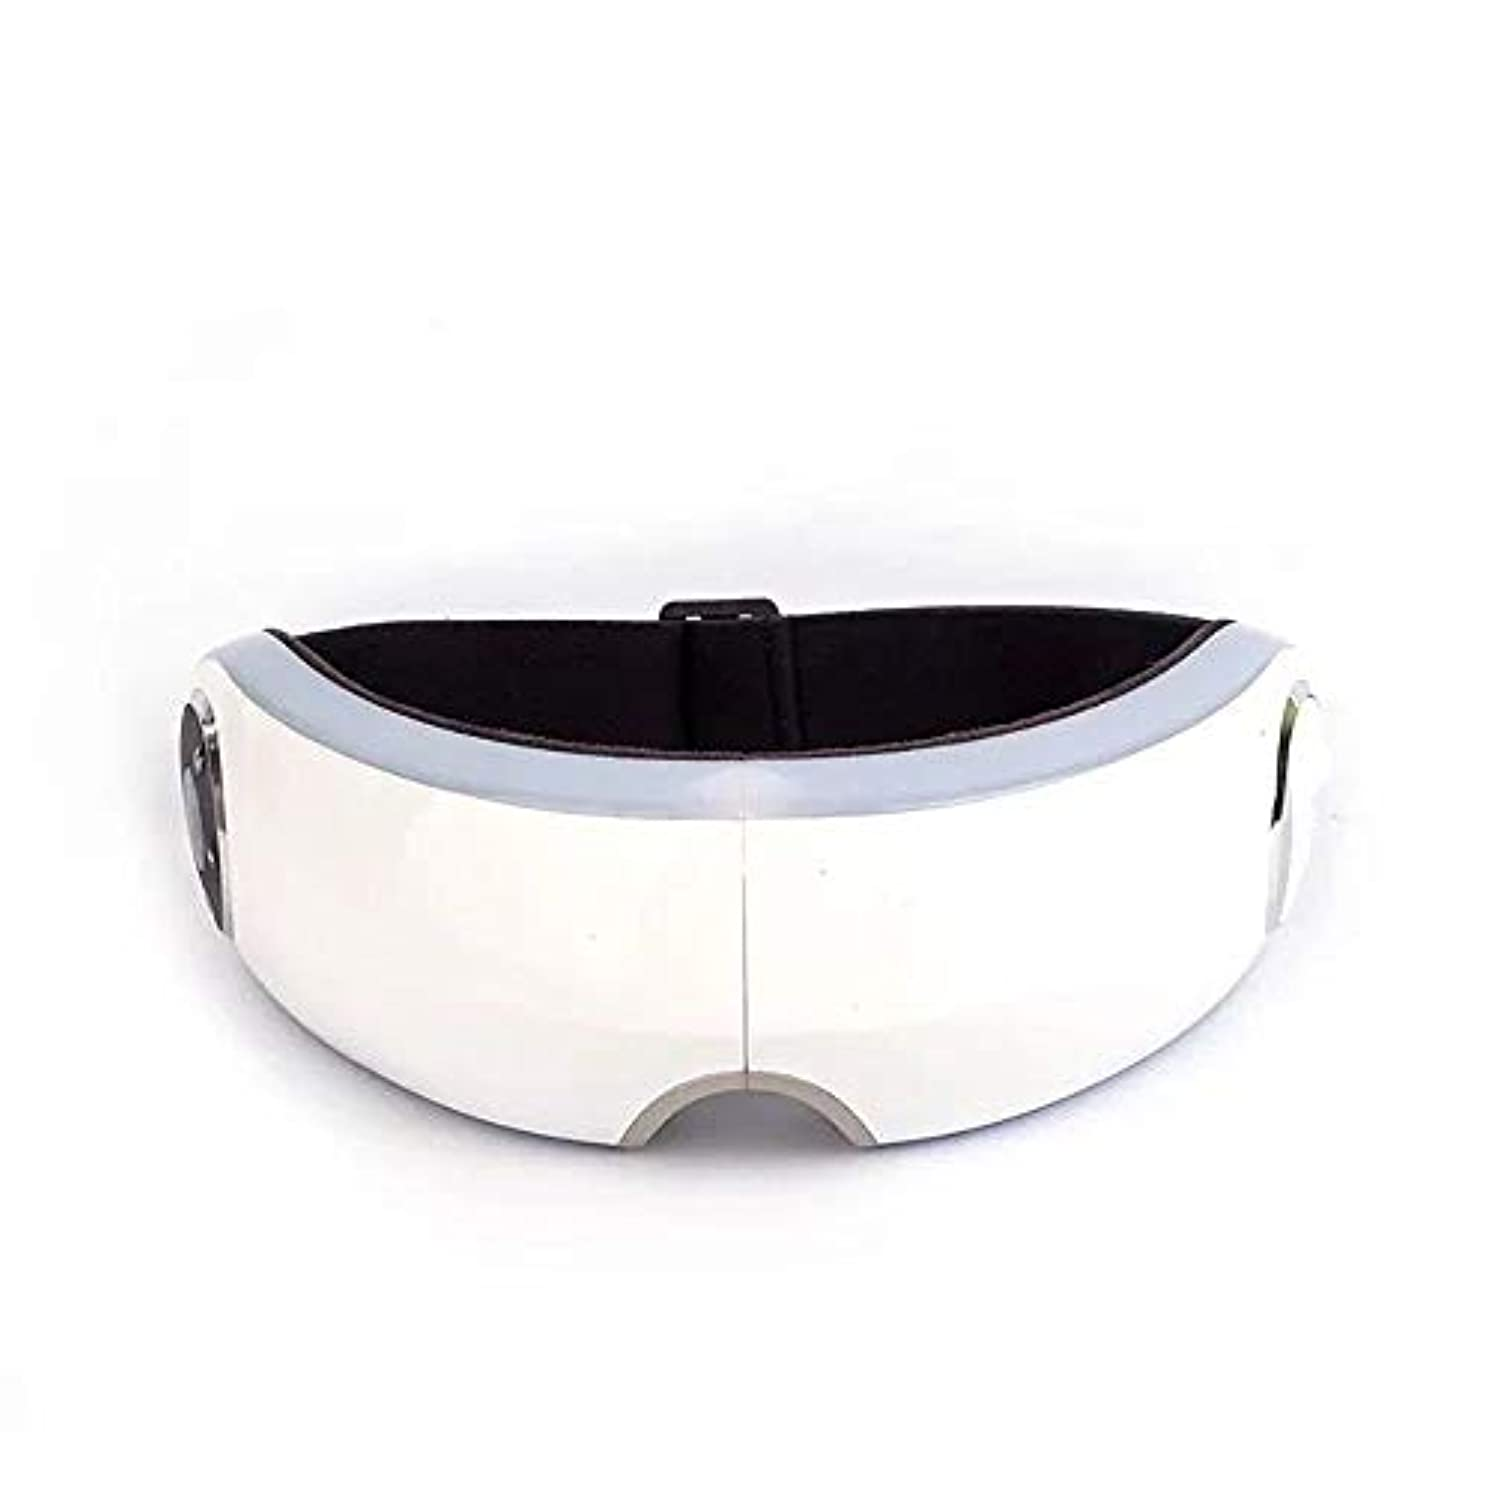 床を掃除する知覚できる大聖堂Vc 女性のファッションアイマッサージャー充電式アイプロテクタービジョントレーナー高品質アイプロテクタースマートマッサージャー 品質保証